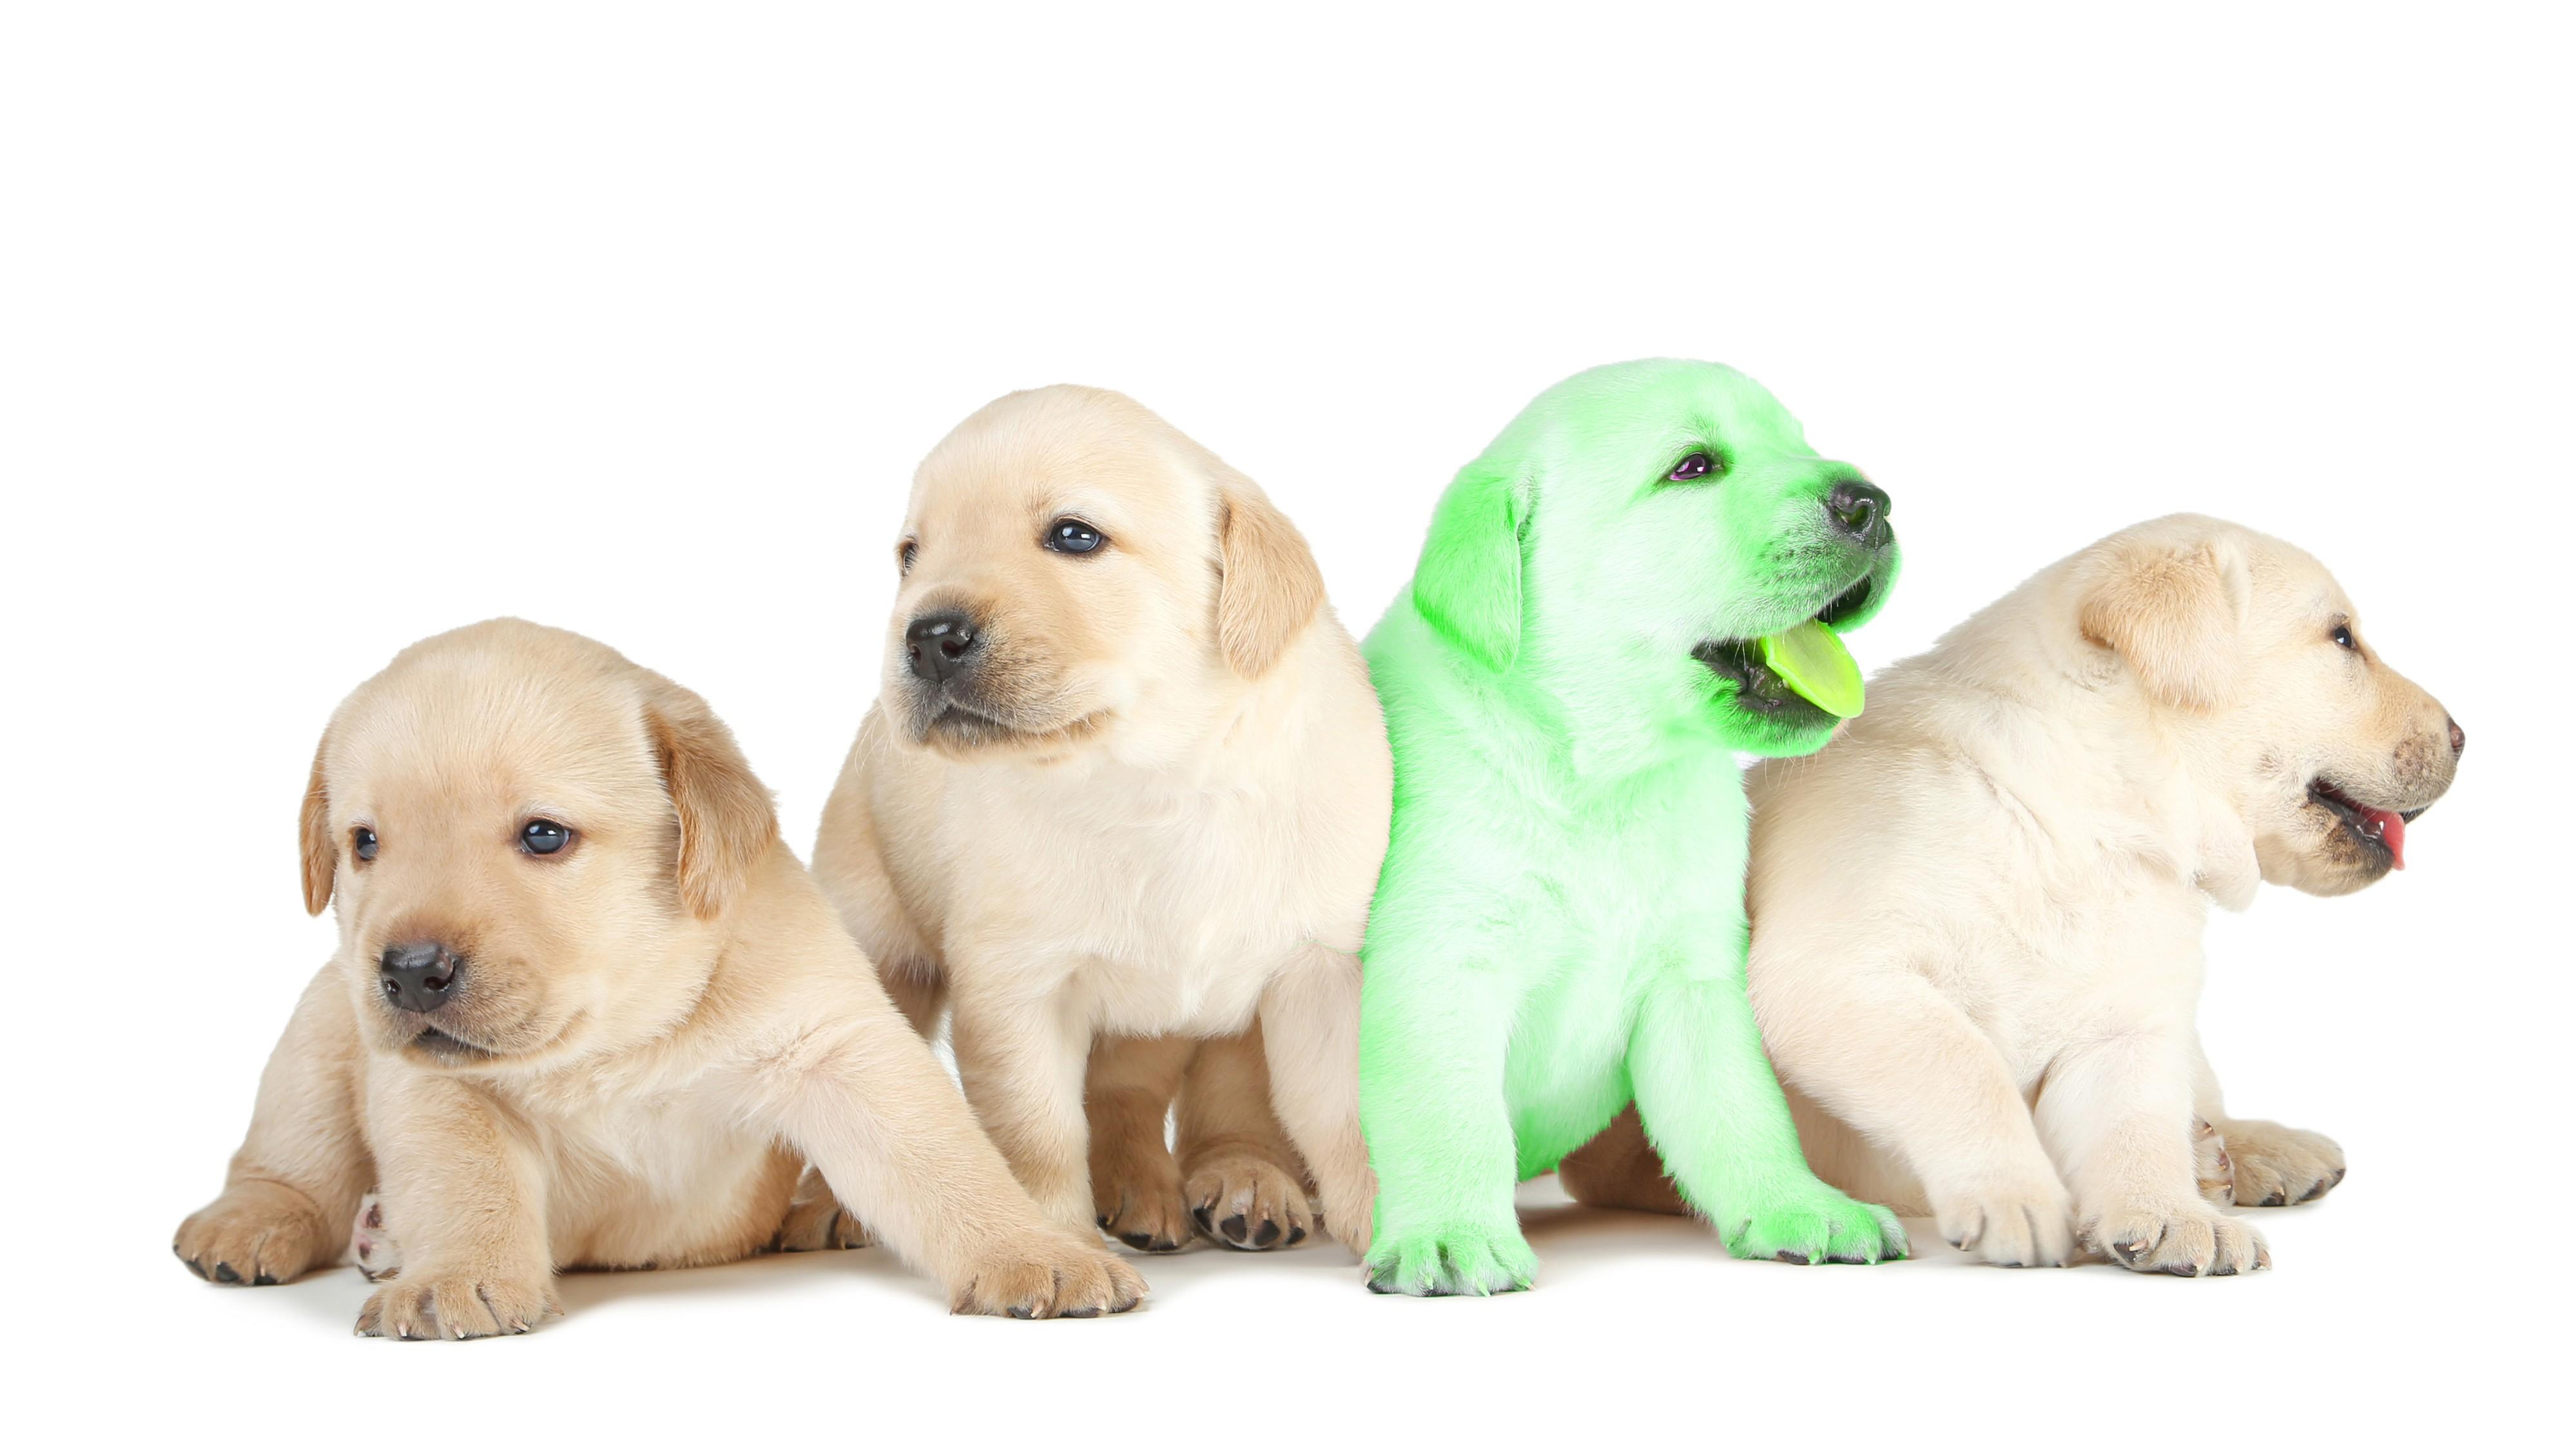 Grüner Hund in USA geboren – ratet mal, wie er heißt